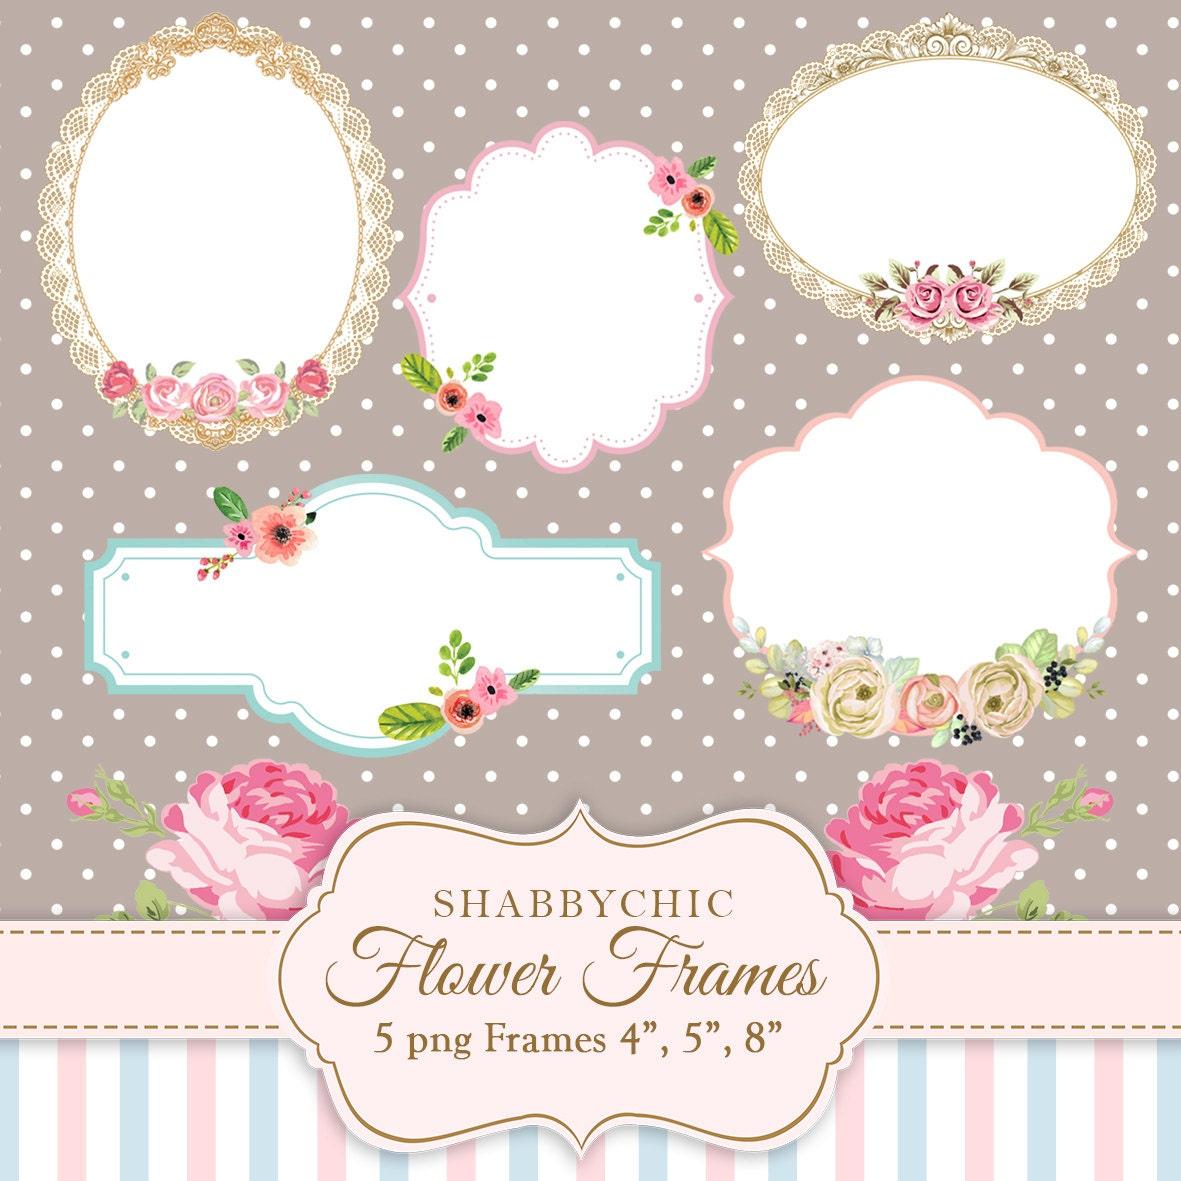 shabbychic flower frames png frames flowers label flowers | etsy